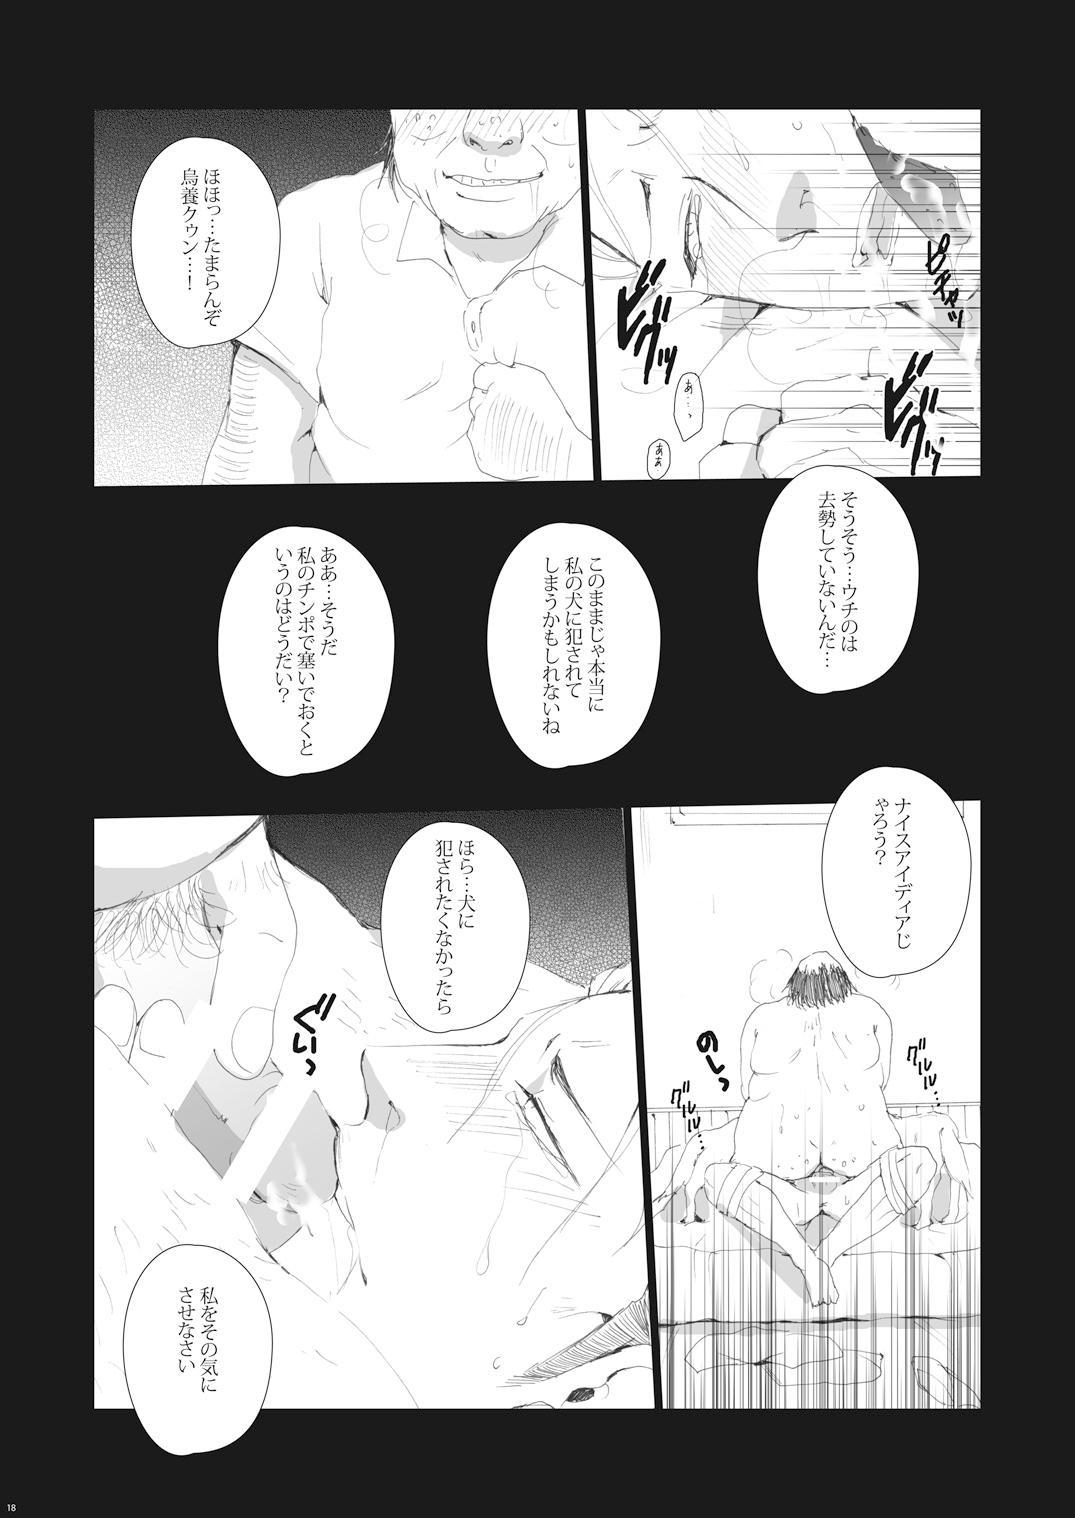 b_0020_uka_P18out